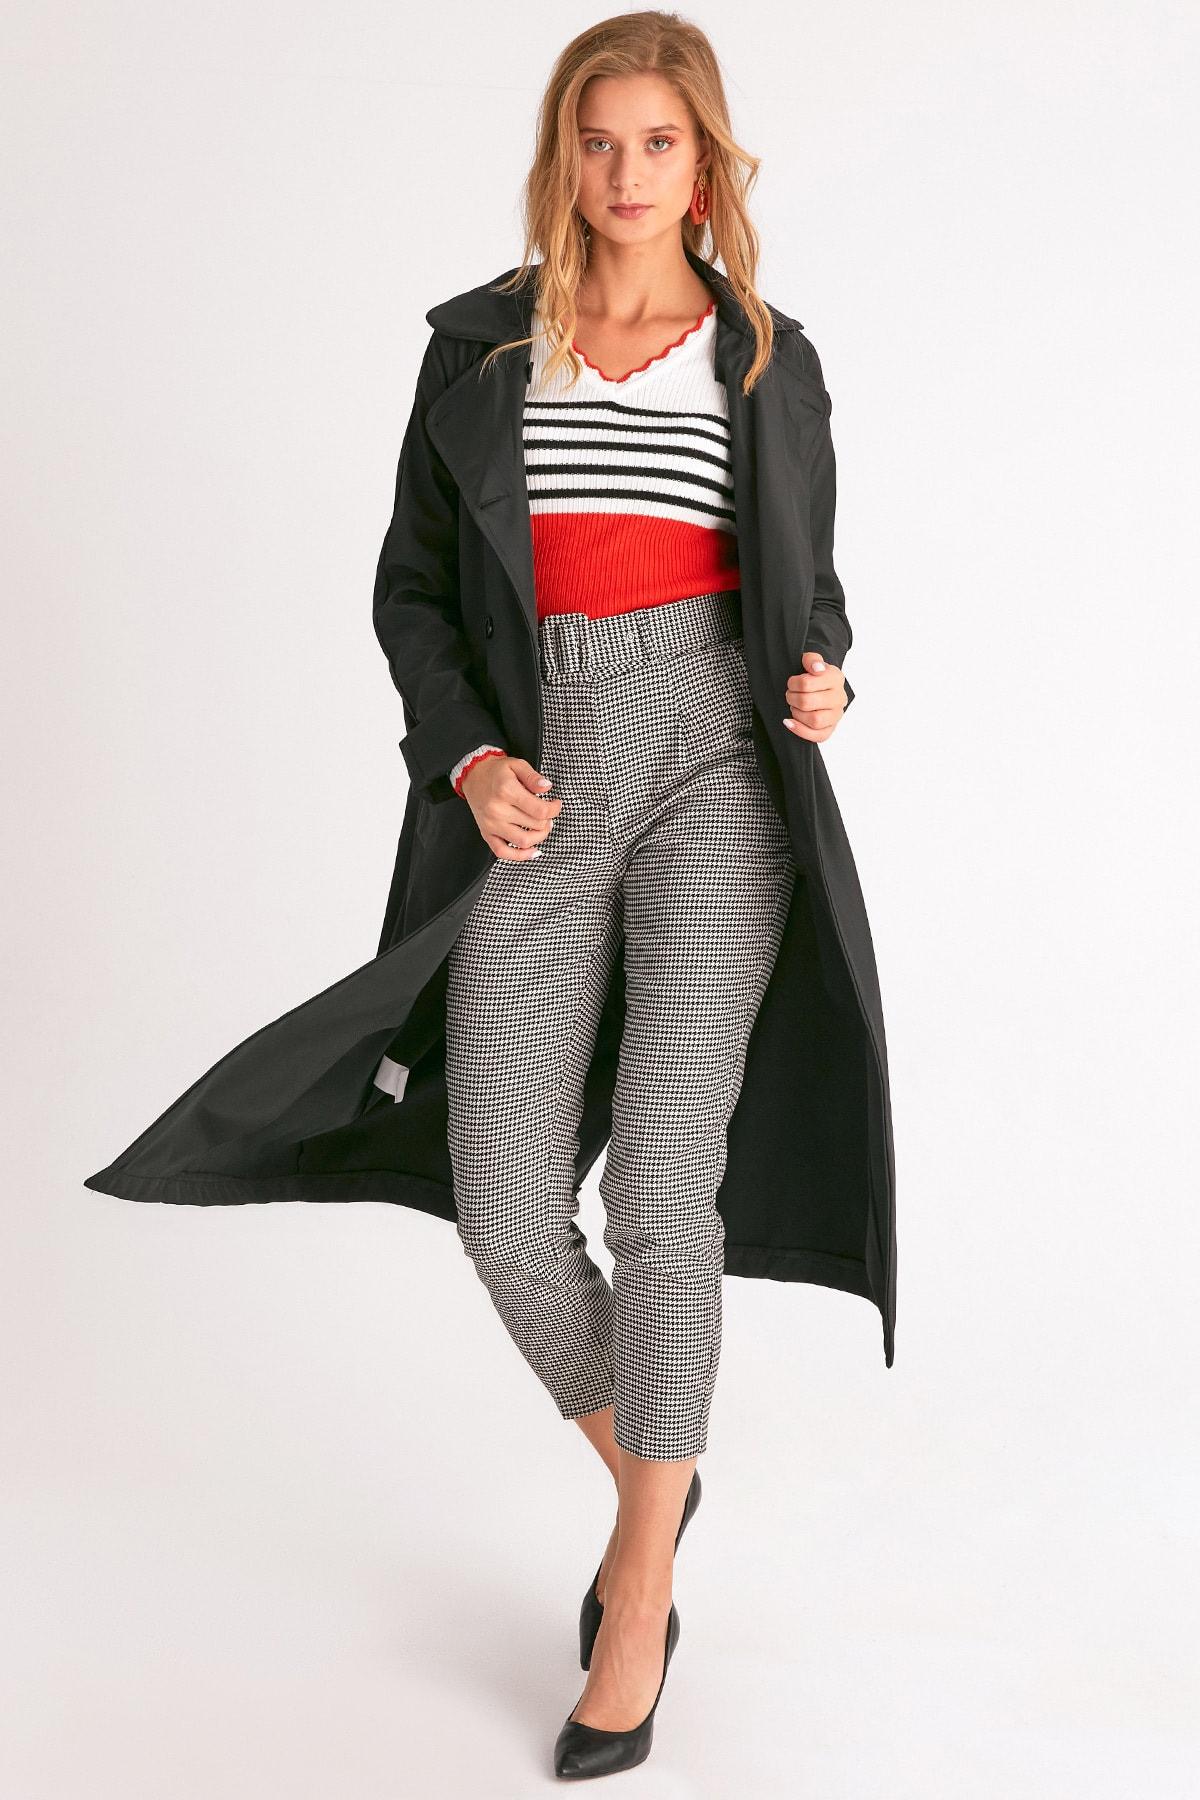 Fulla Moda Kadın Siyah Klasik Kemerli Trençkot 1